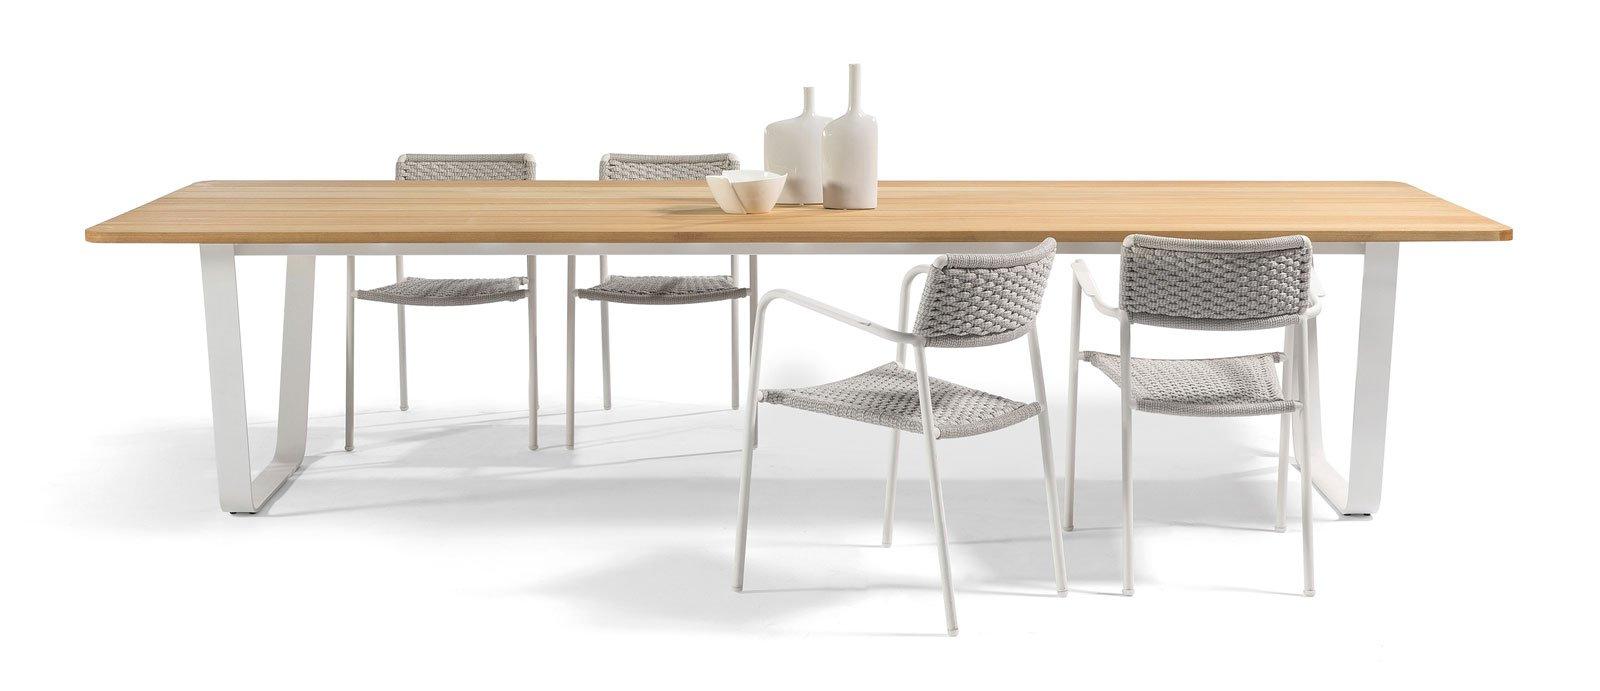 Ai saloni 2015 le proposte d 39 arredo per esterni cose di for Sedie in ferro e legno